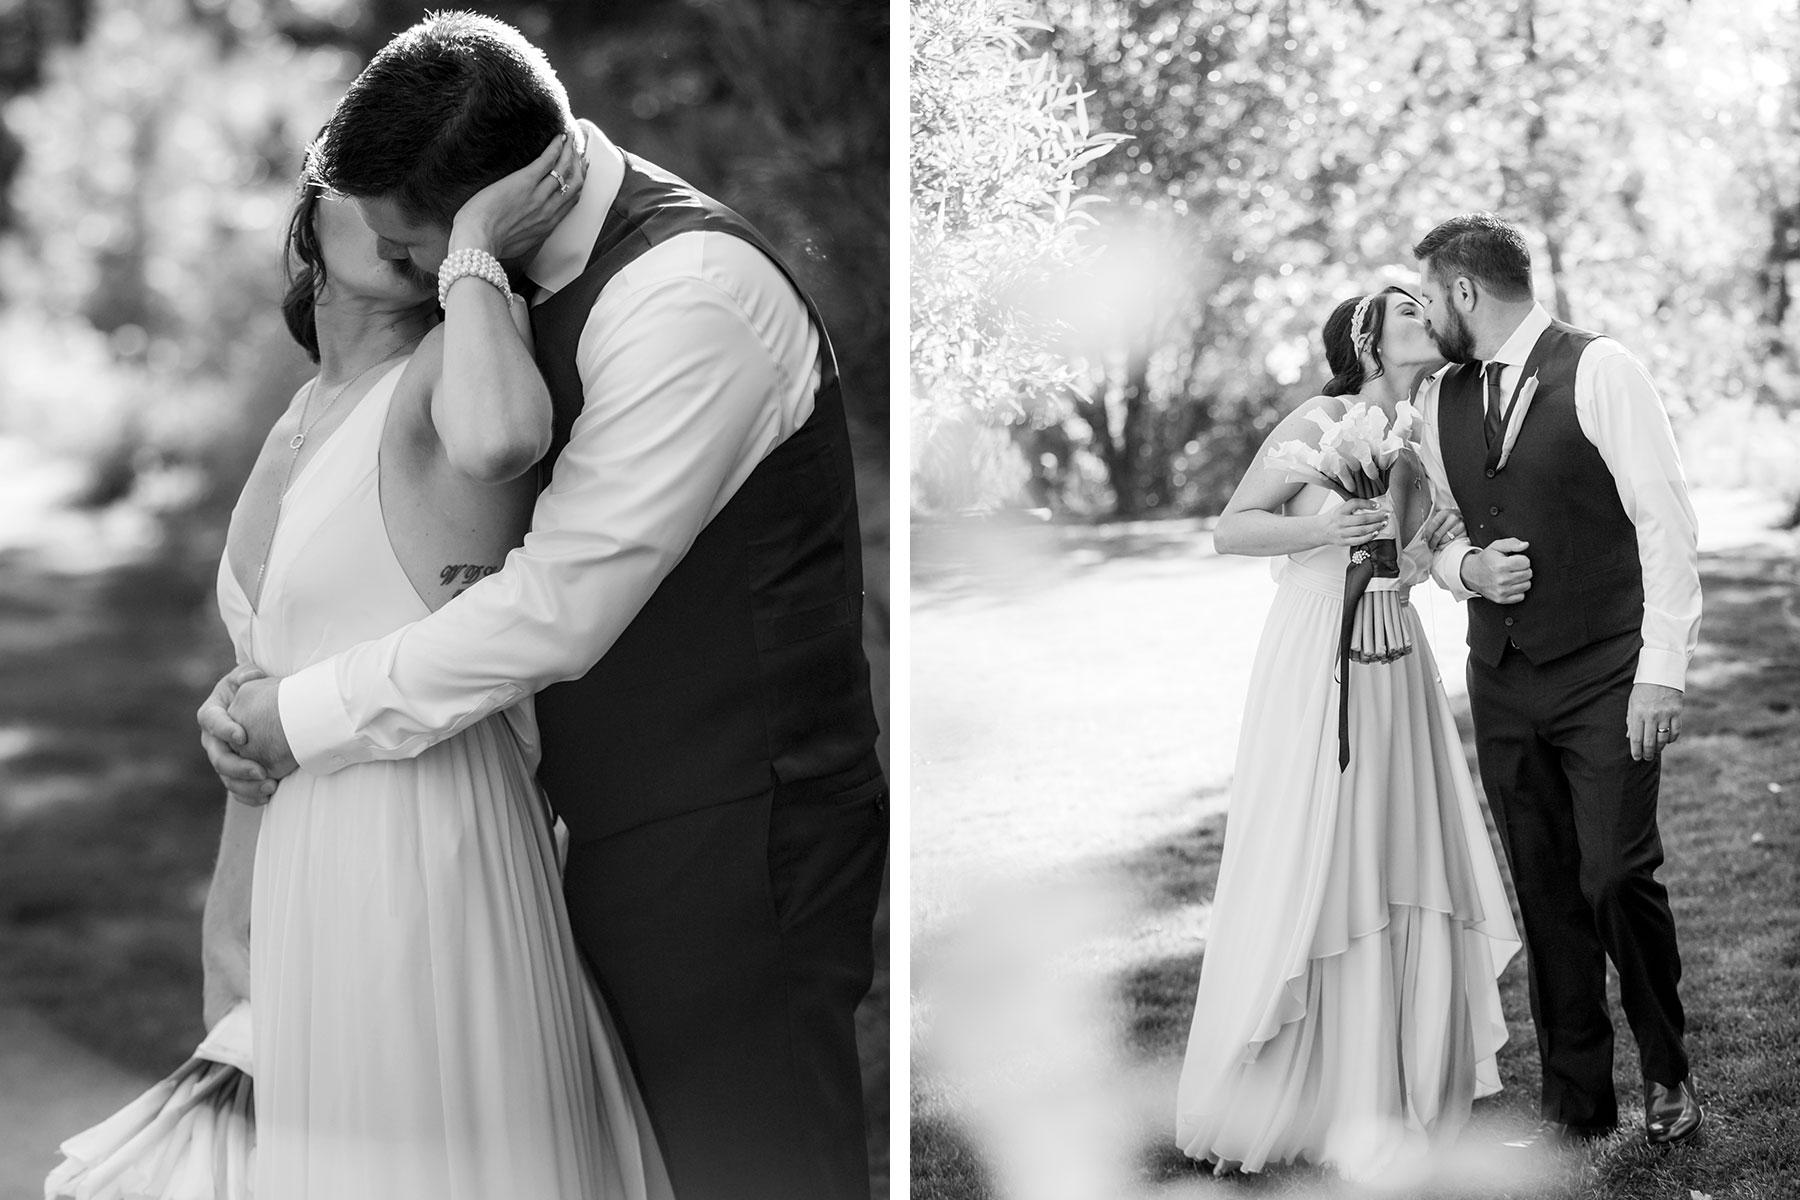 hyatt-lake-tahoe-wedding-tahoe-22-wedding